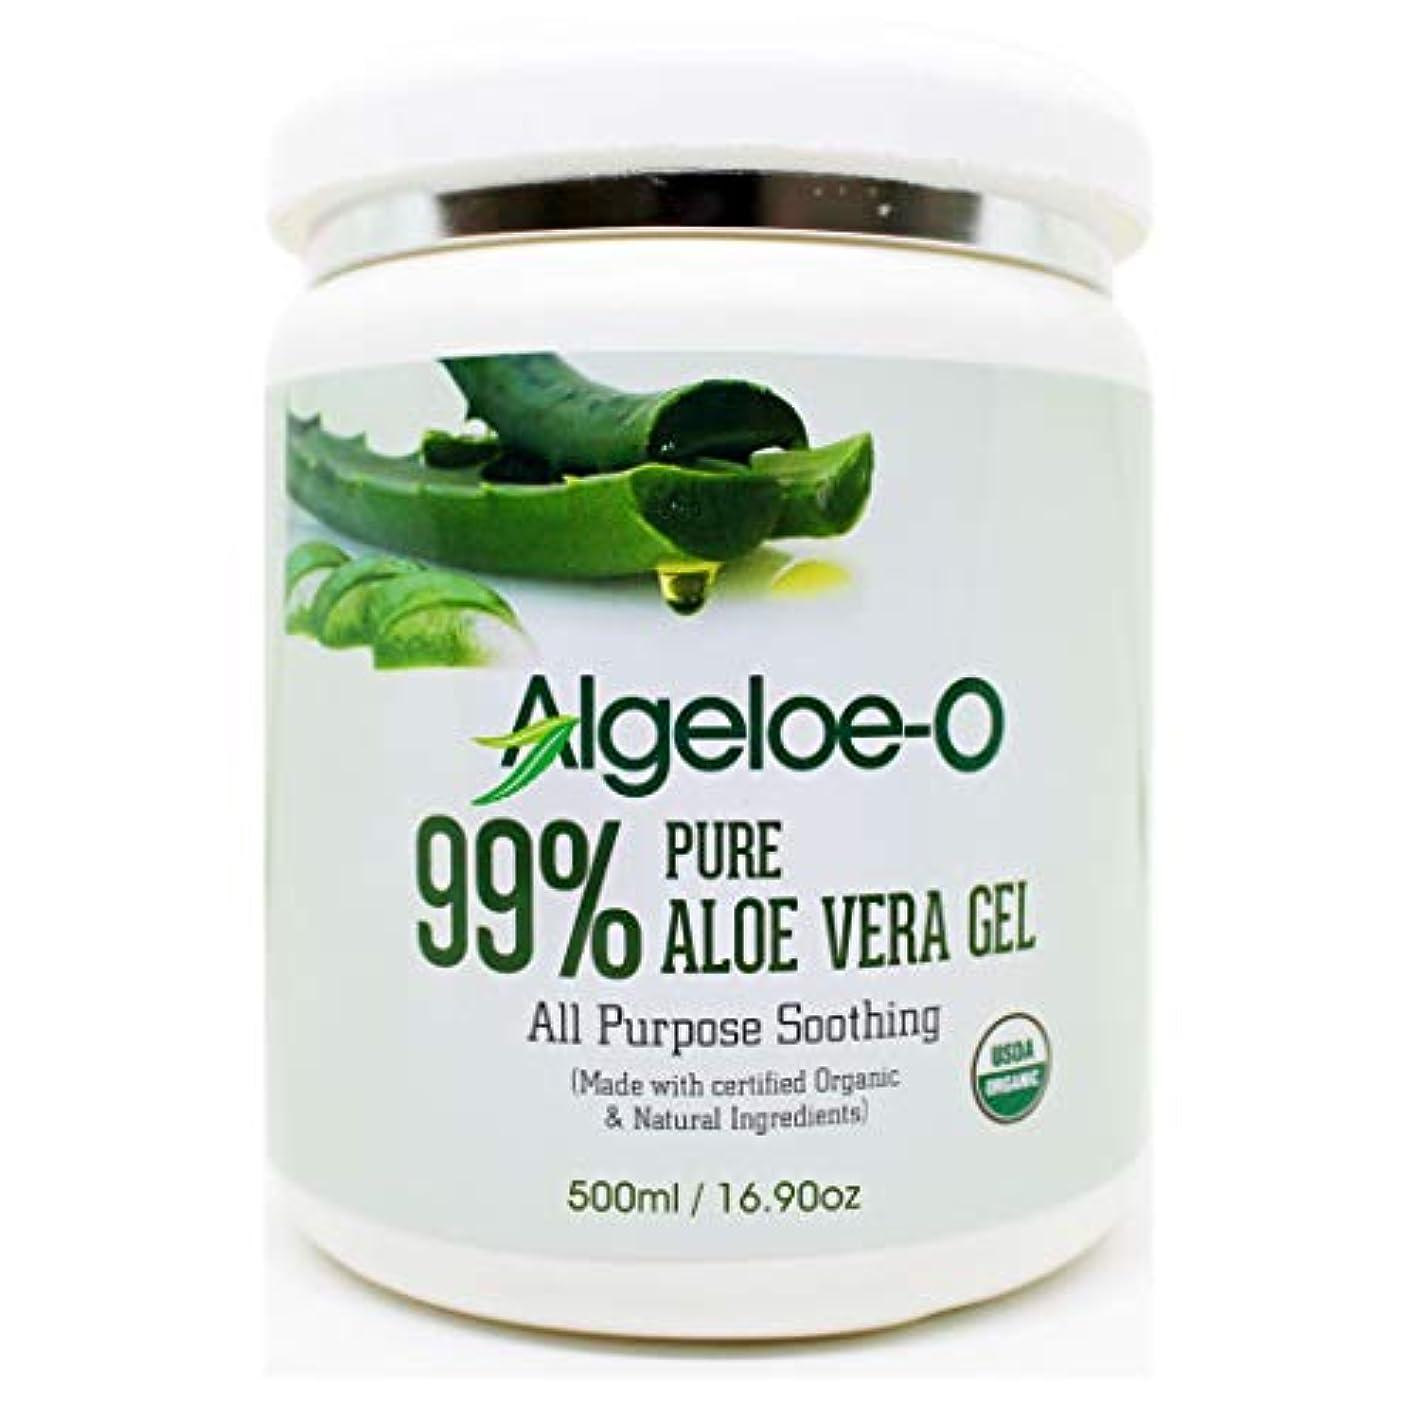 でる飛行機鋭くAlgeloe-O  Organic Aloe Vera Gel 99% Pure Natural made with USDA Certified Aloe Vera Powder Paraben, sulfate free...